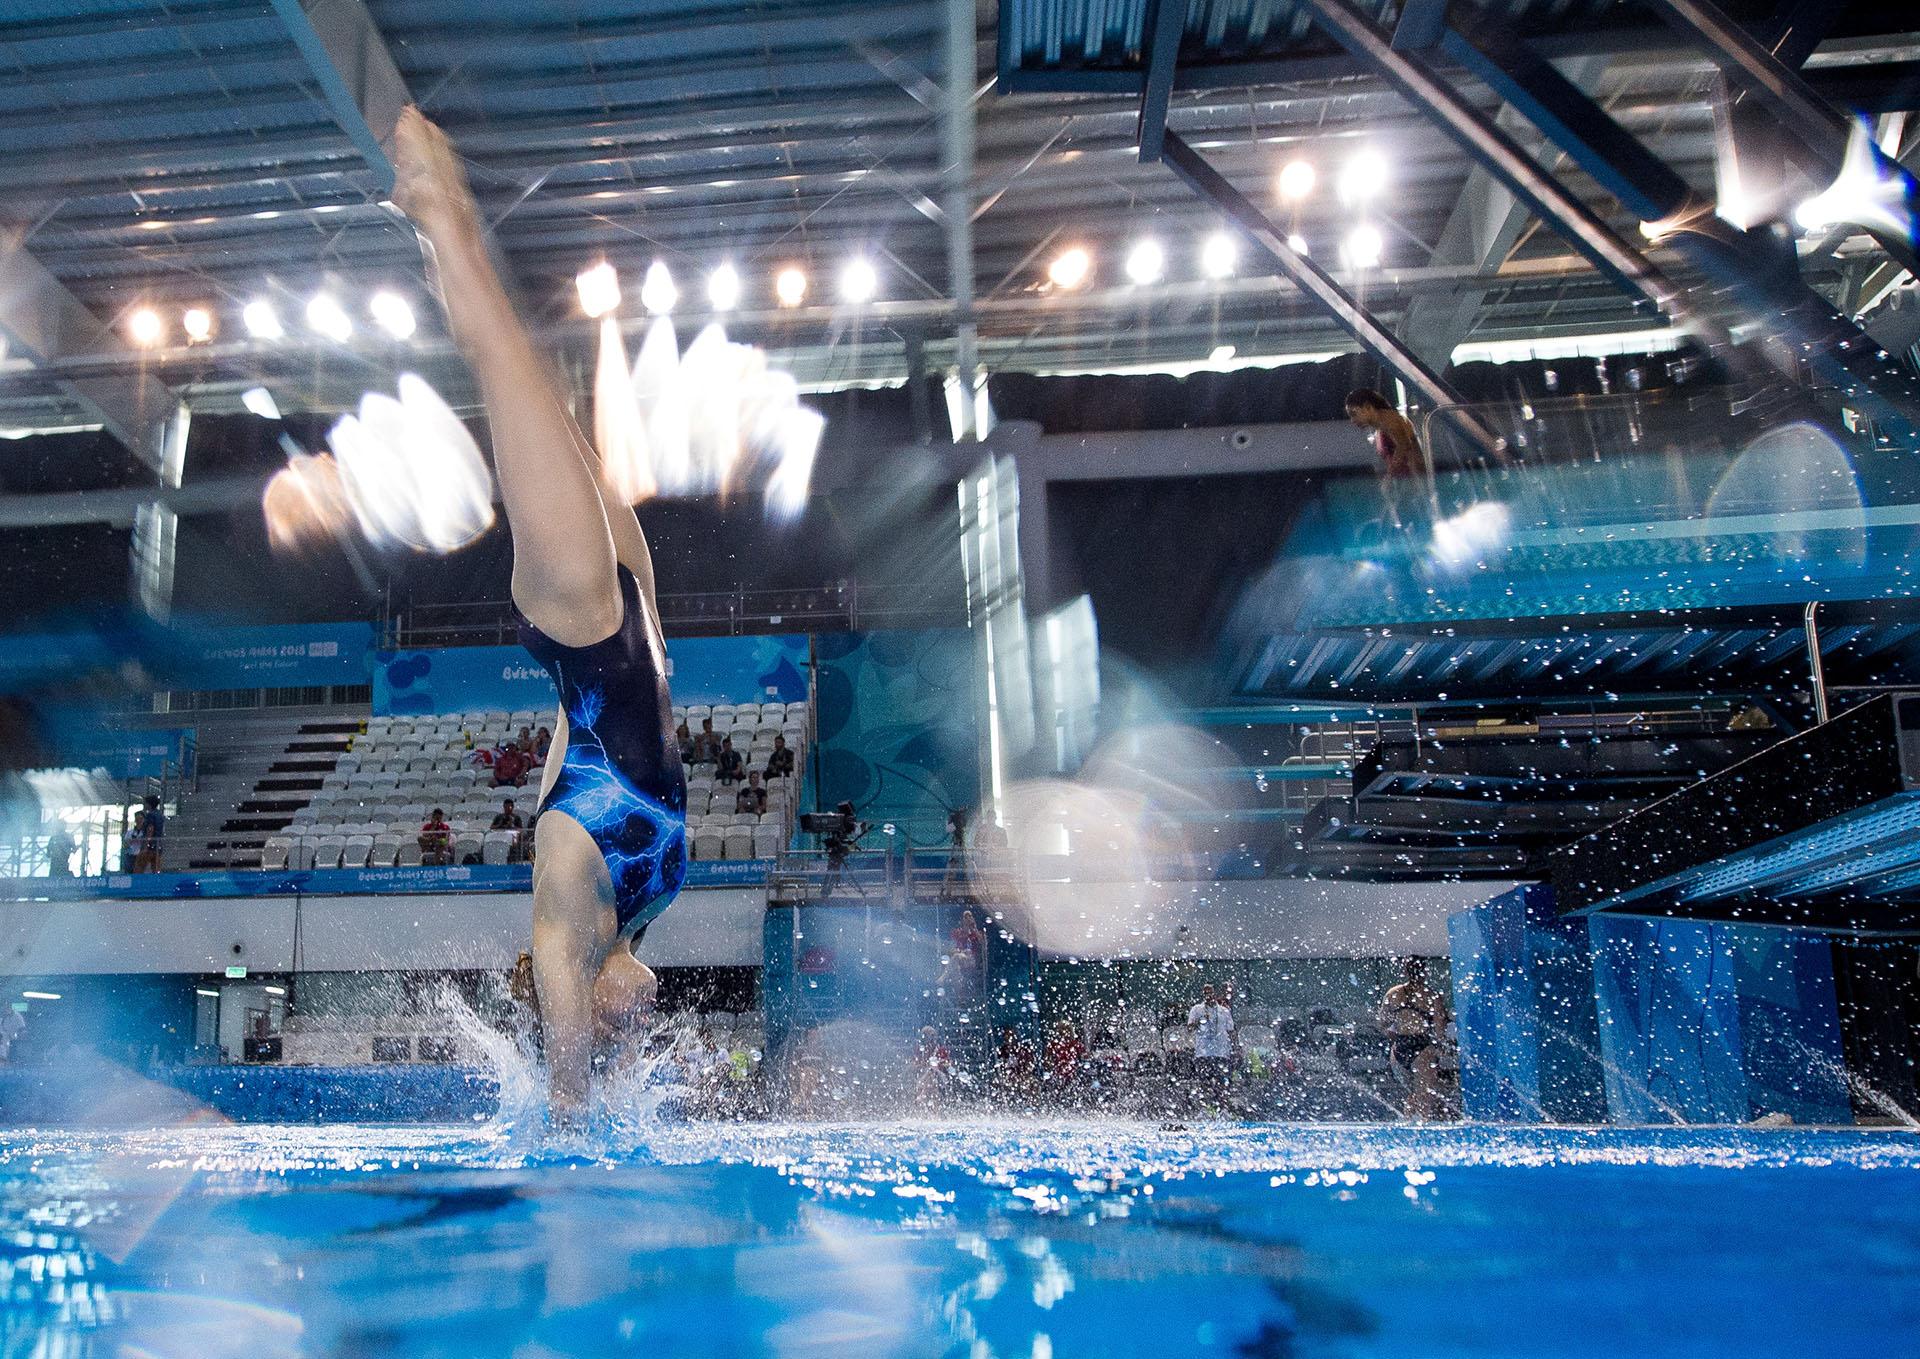 Tanya Watson, de Irlanda, en acción durante la práctica de saltos en el Natatorio Parque Olímpicos de la Juventud(REUTERS)